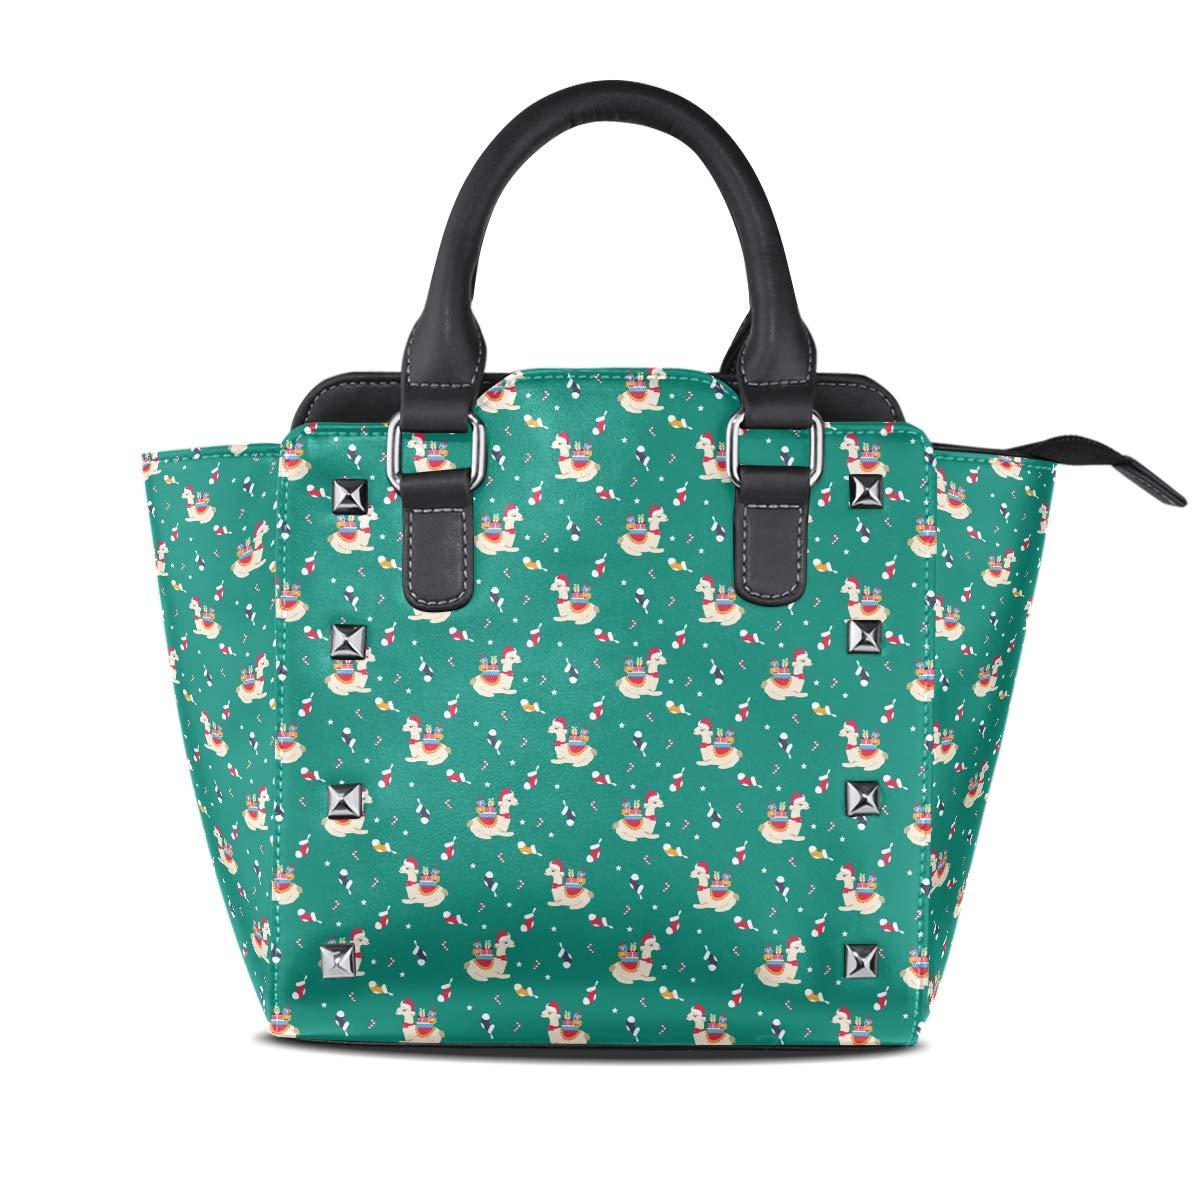 Design5 Handbag colorful Plaid Genuine Leather Tote Rivet Bag Shoulder Strap Top Handle Women